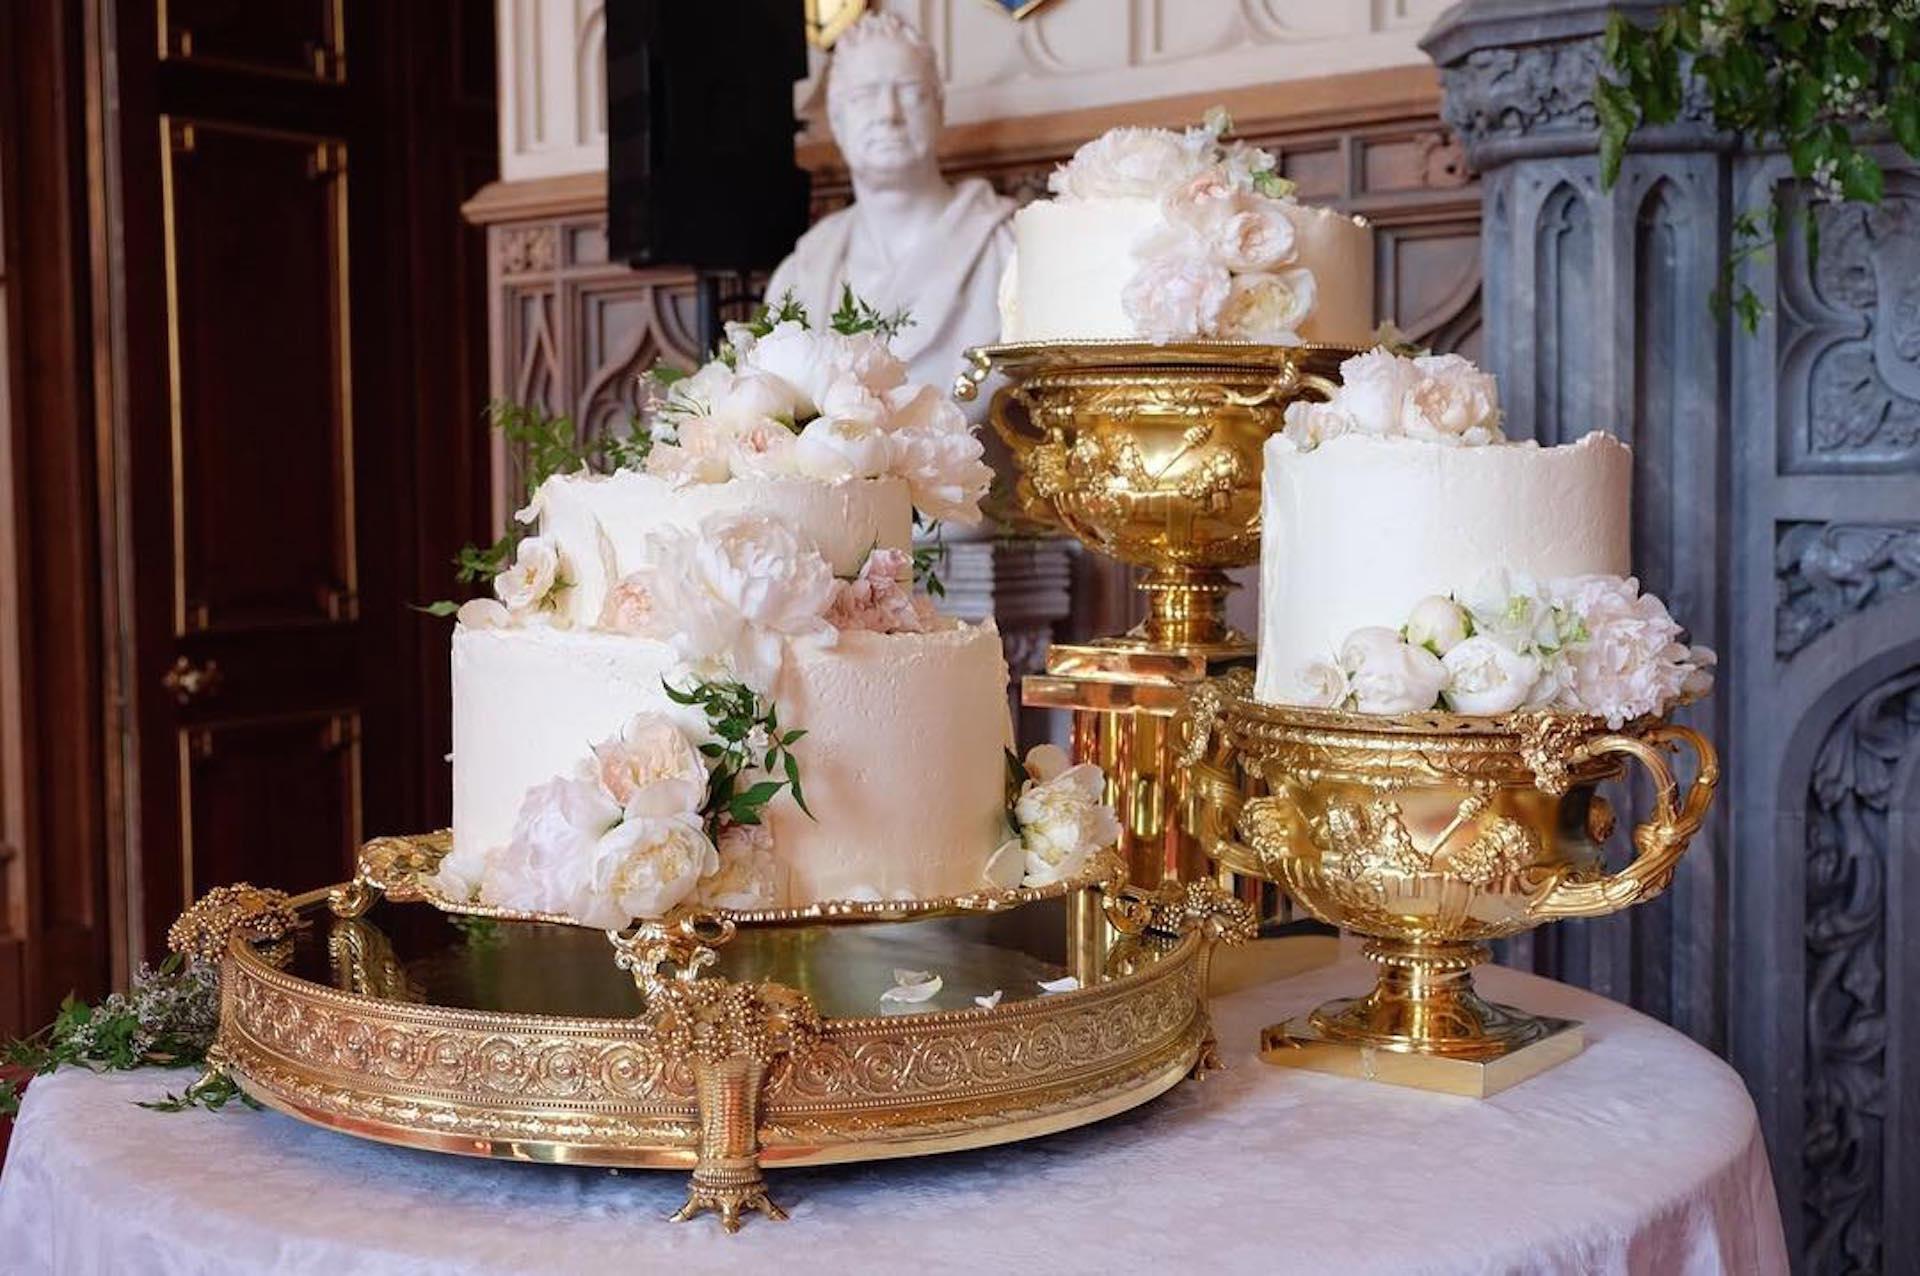 La original torta de bodas realizada por Claire Ptak y decorada con flores naturales.